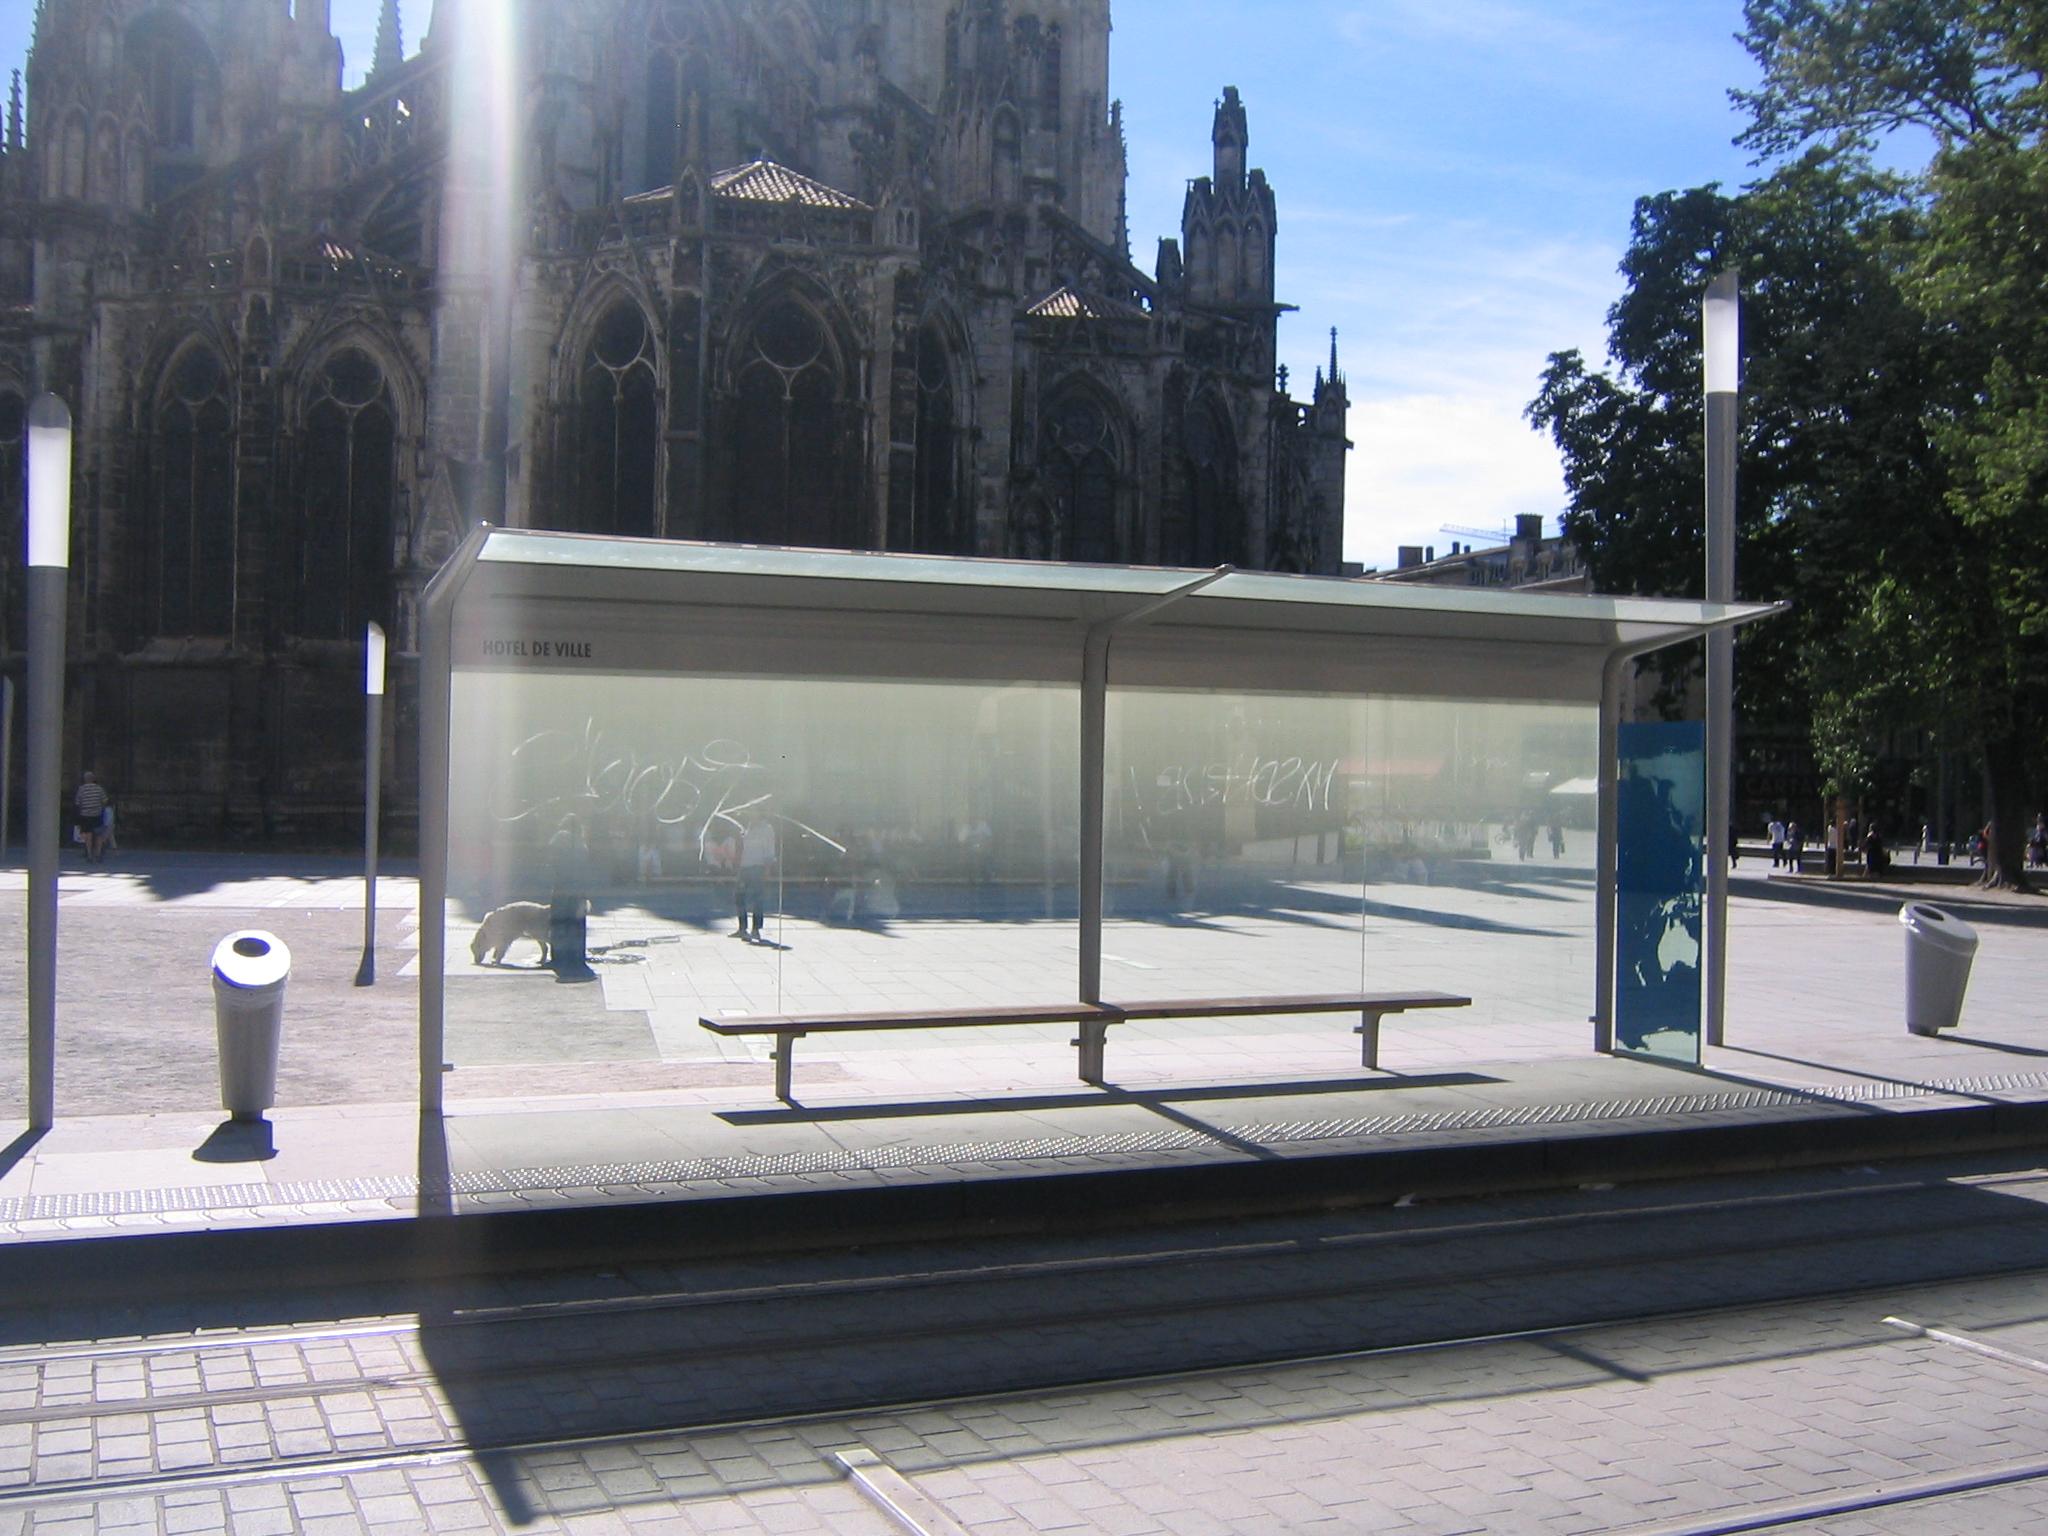 FileArret de Tram Bordeaux Htel de Villejpg  Wikimedia Commons